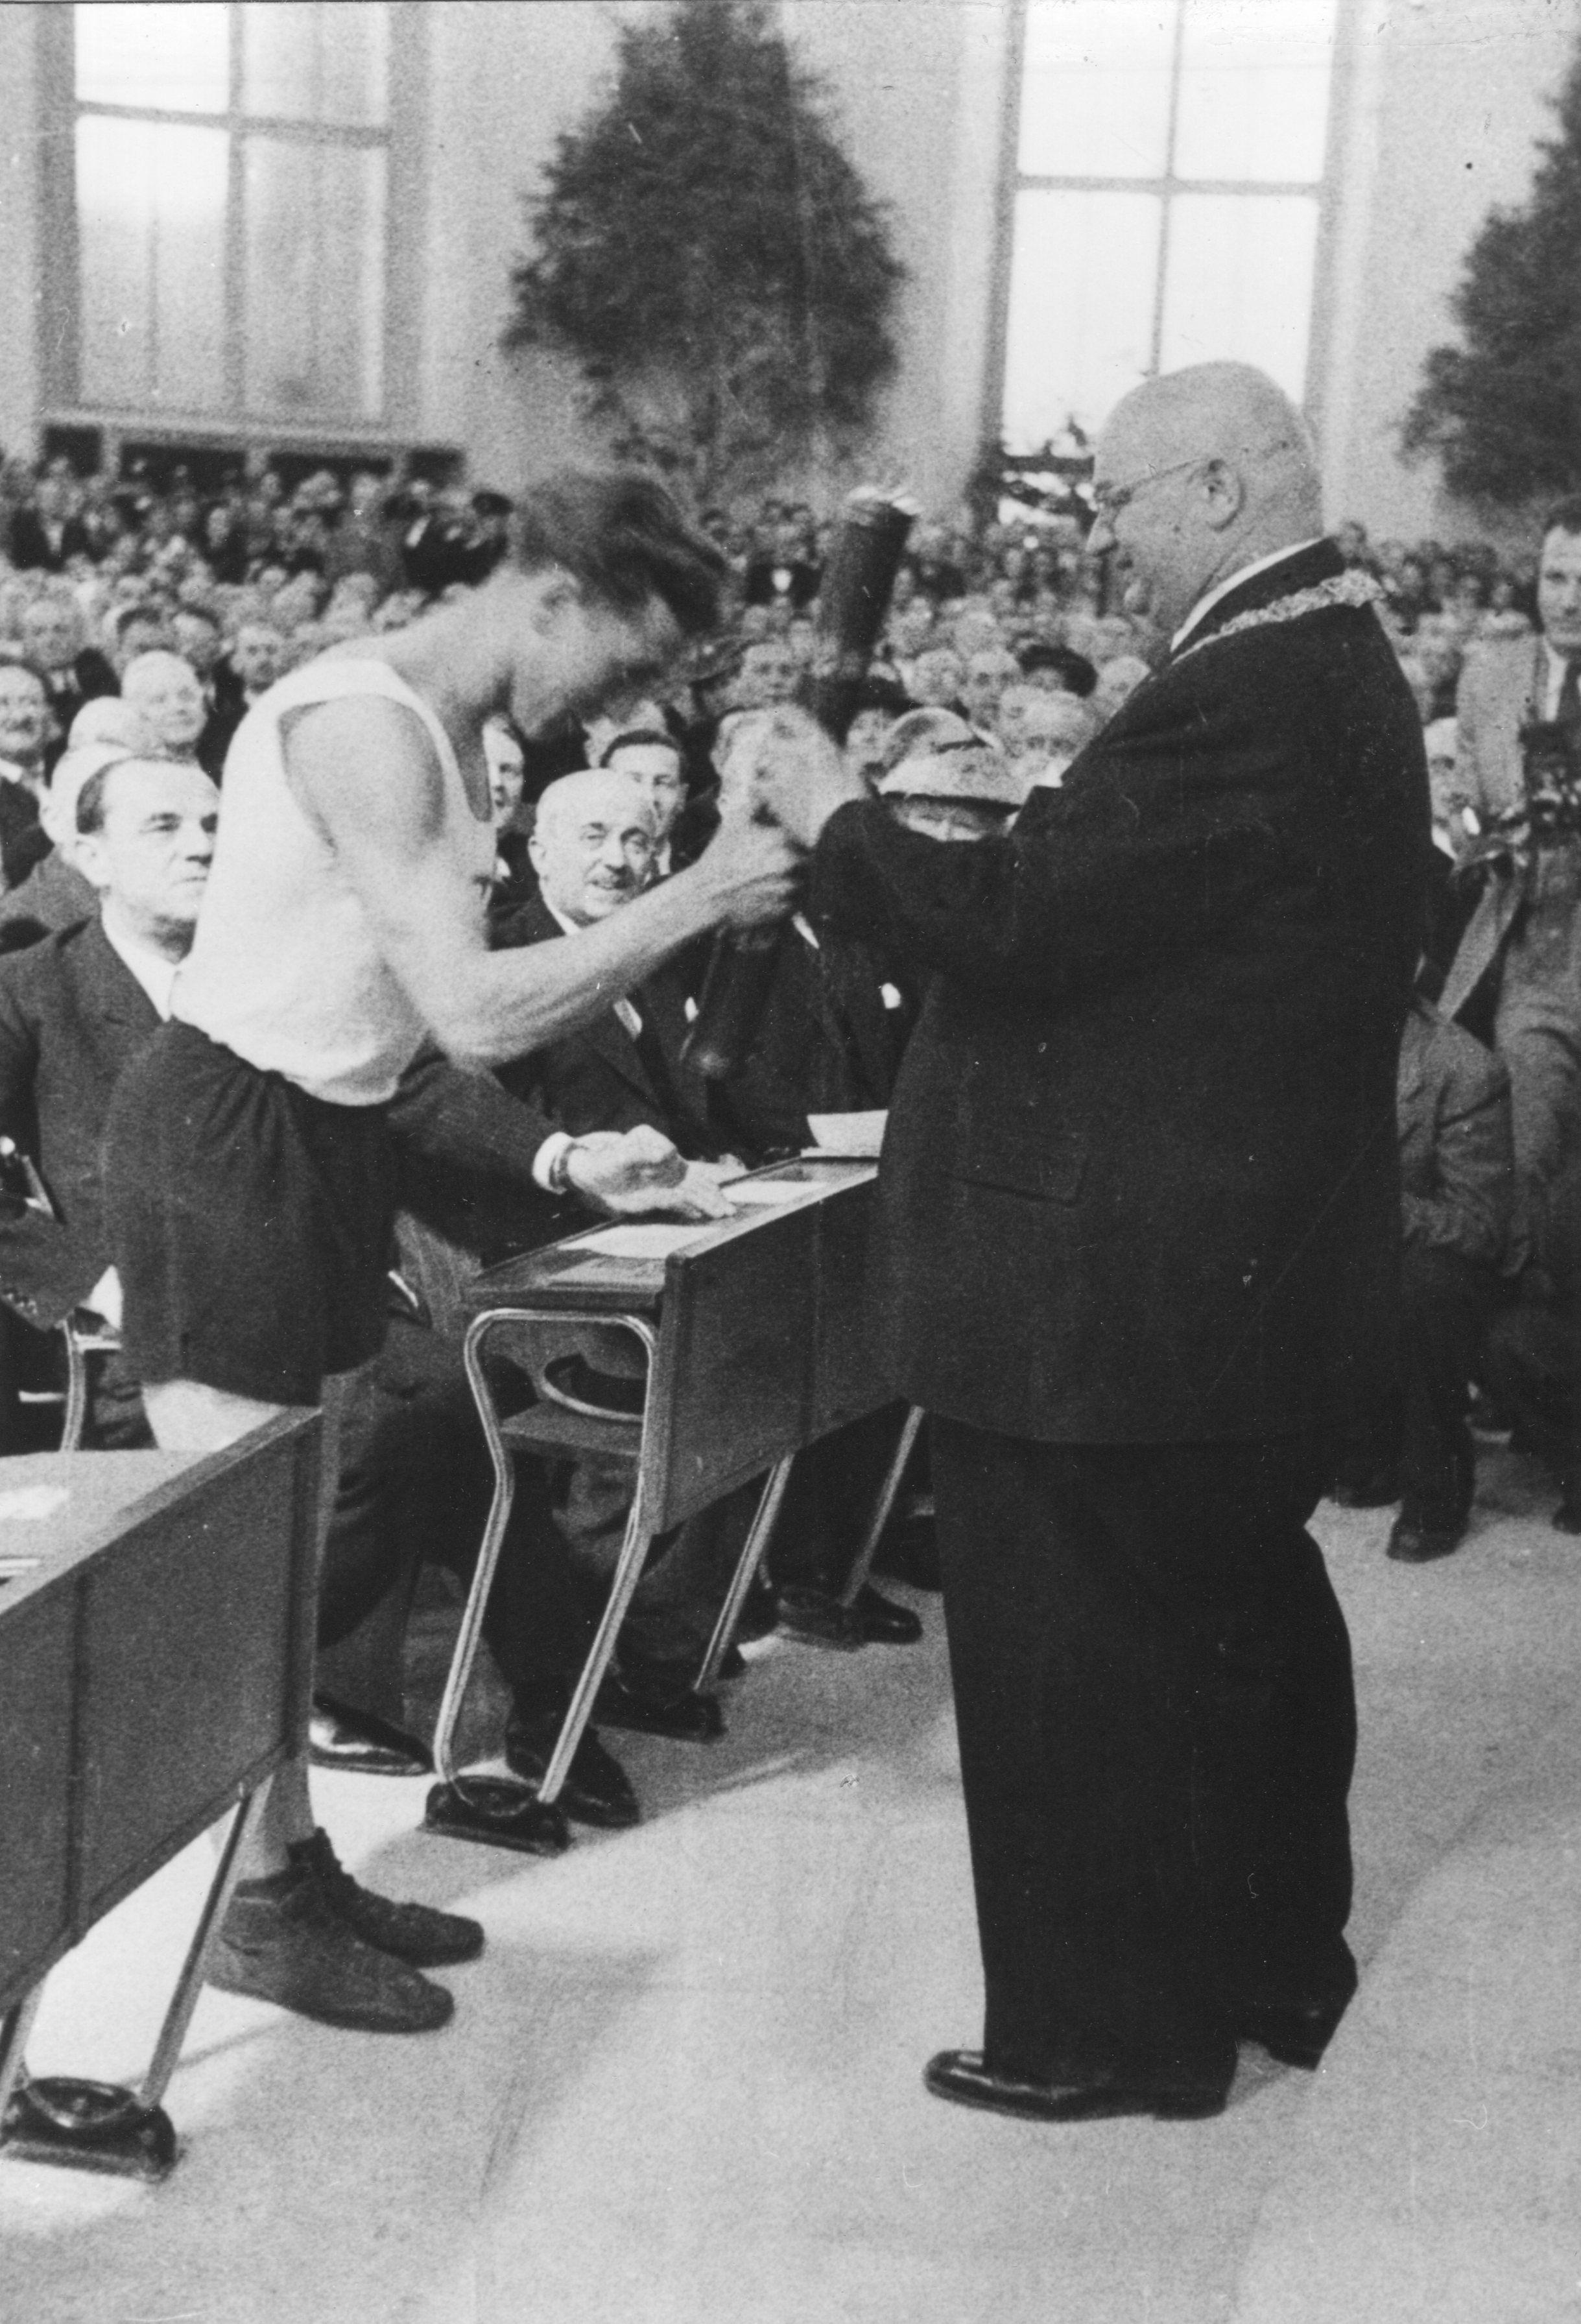 Heinz Ulzheimer übergibt dem Frankfurter Oberbürgermeister Walter Kolb die Grußbotschaften in der Paulskirche, 18. Mai 1948 Foto: Institut für Stadtgeschichte Frankfurt